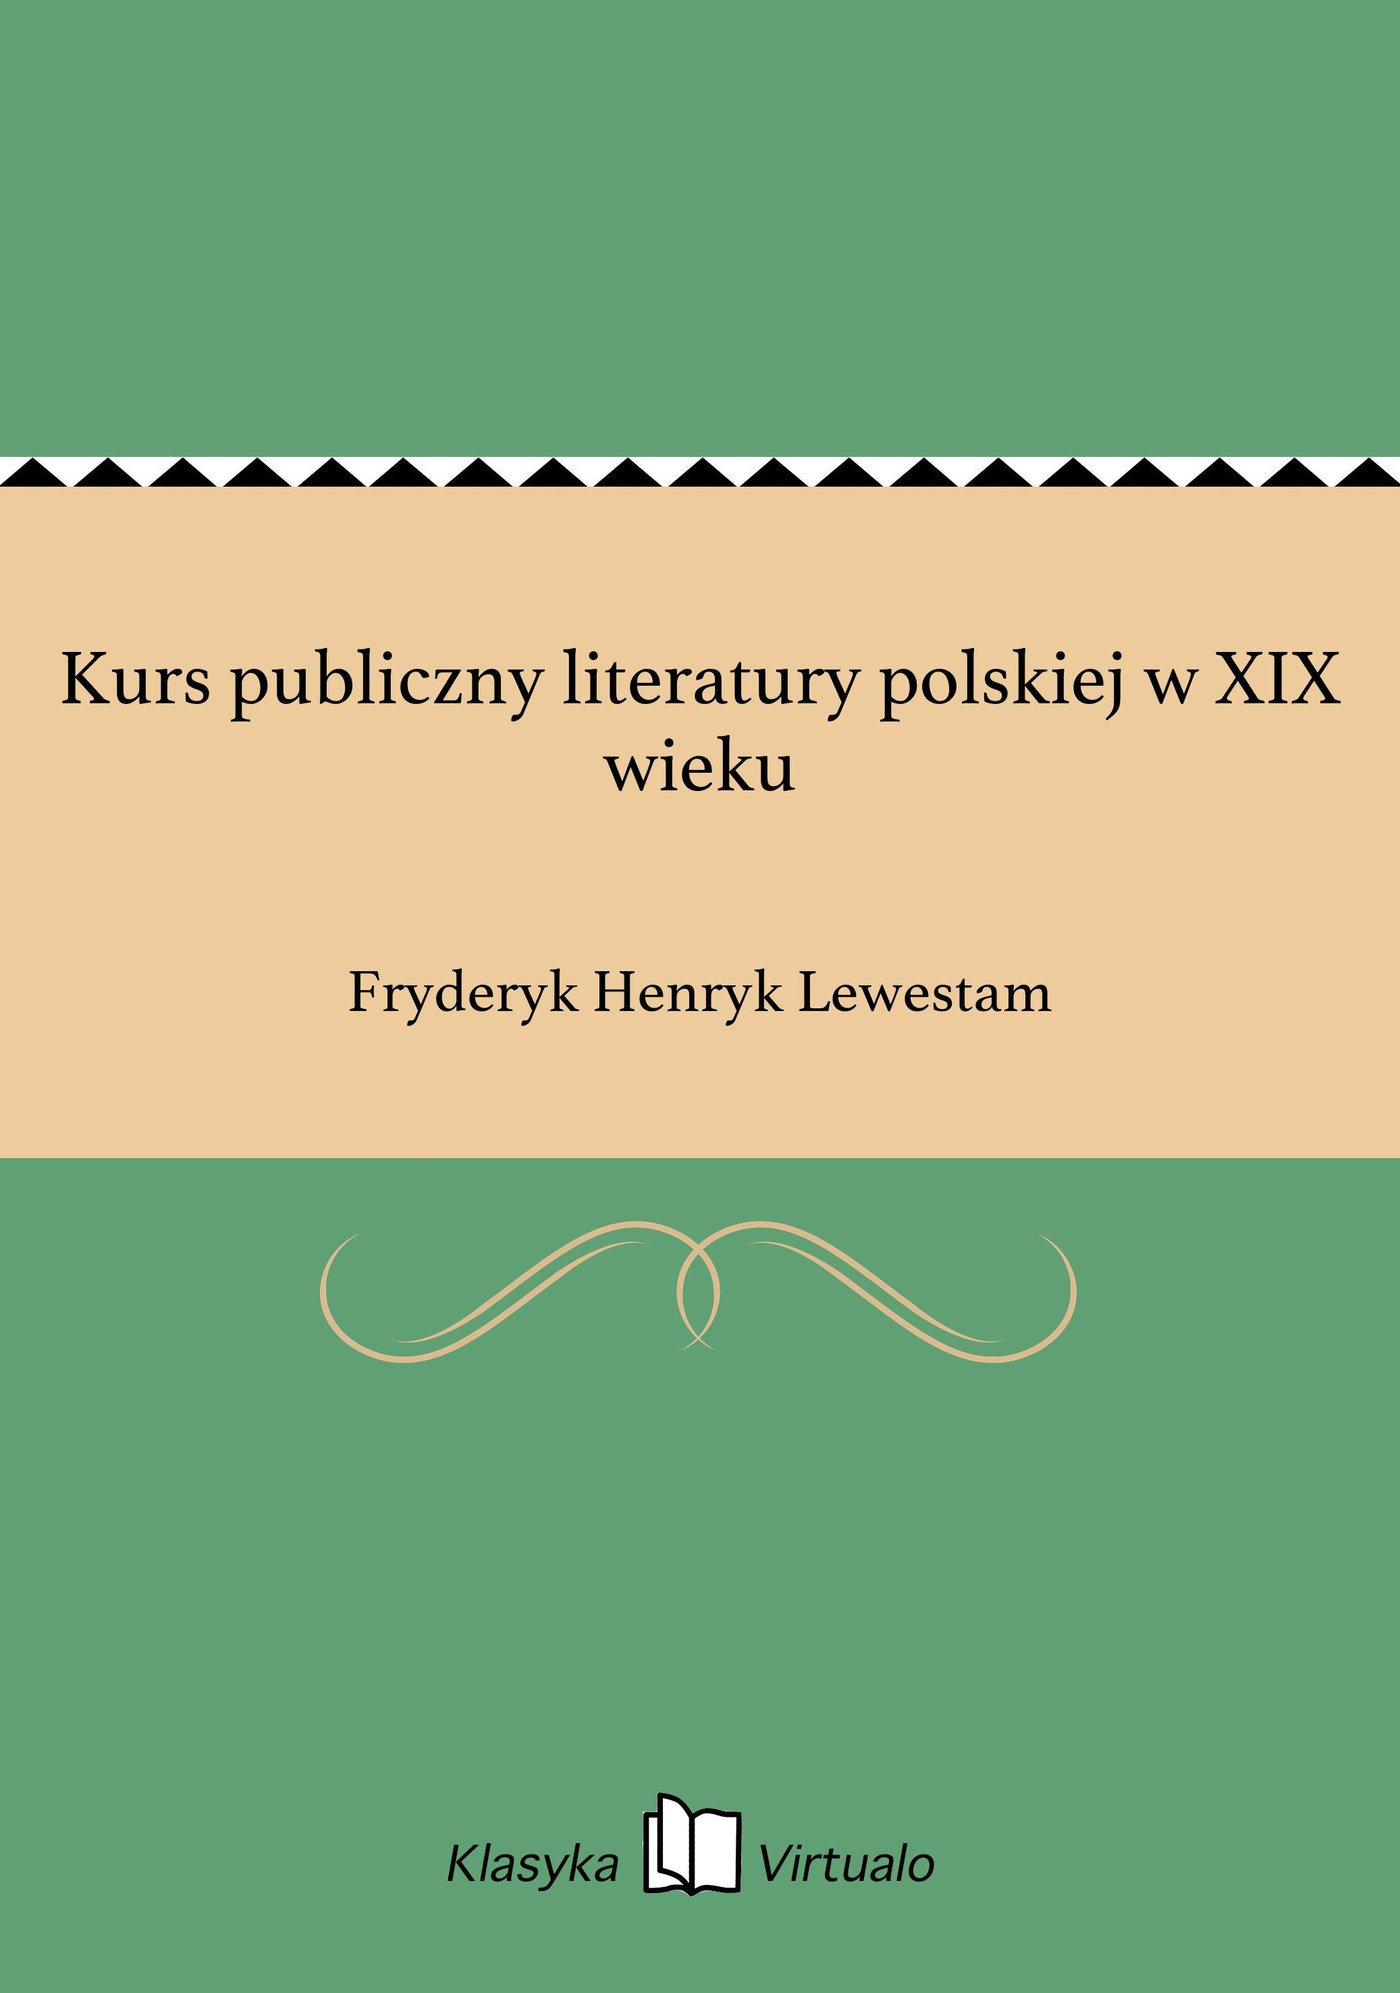 Kurs publiczny literatury polskiej w XIX wieku - Ebook (Książka EPUB) do pobrania w formacie EPUB